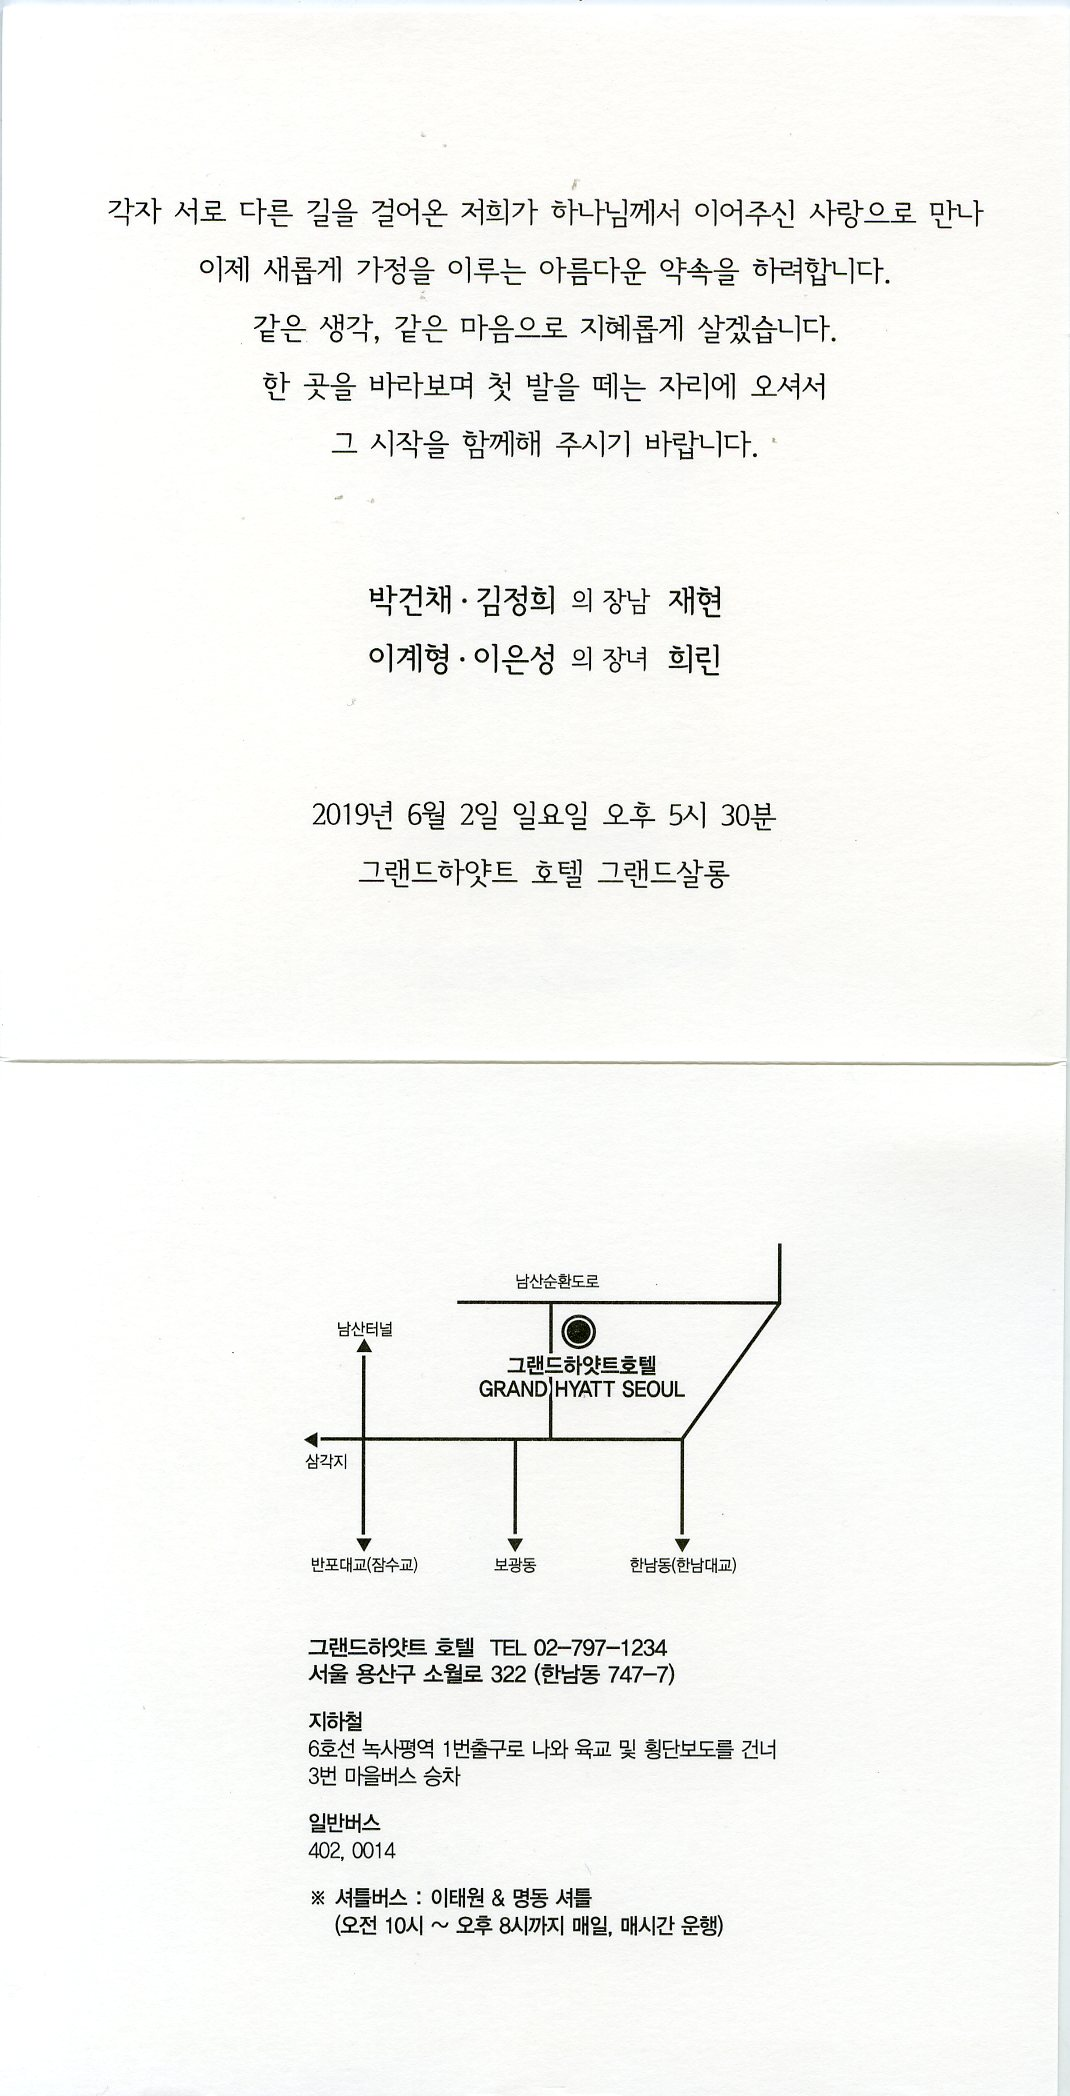 이희린 전공의 청첩장836.jpg